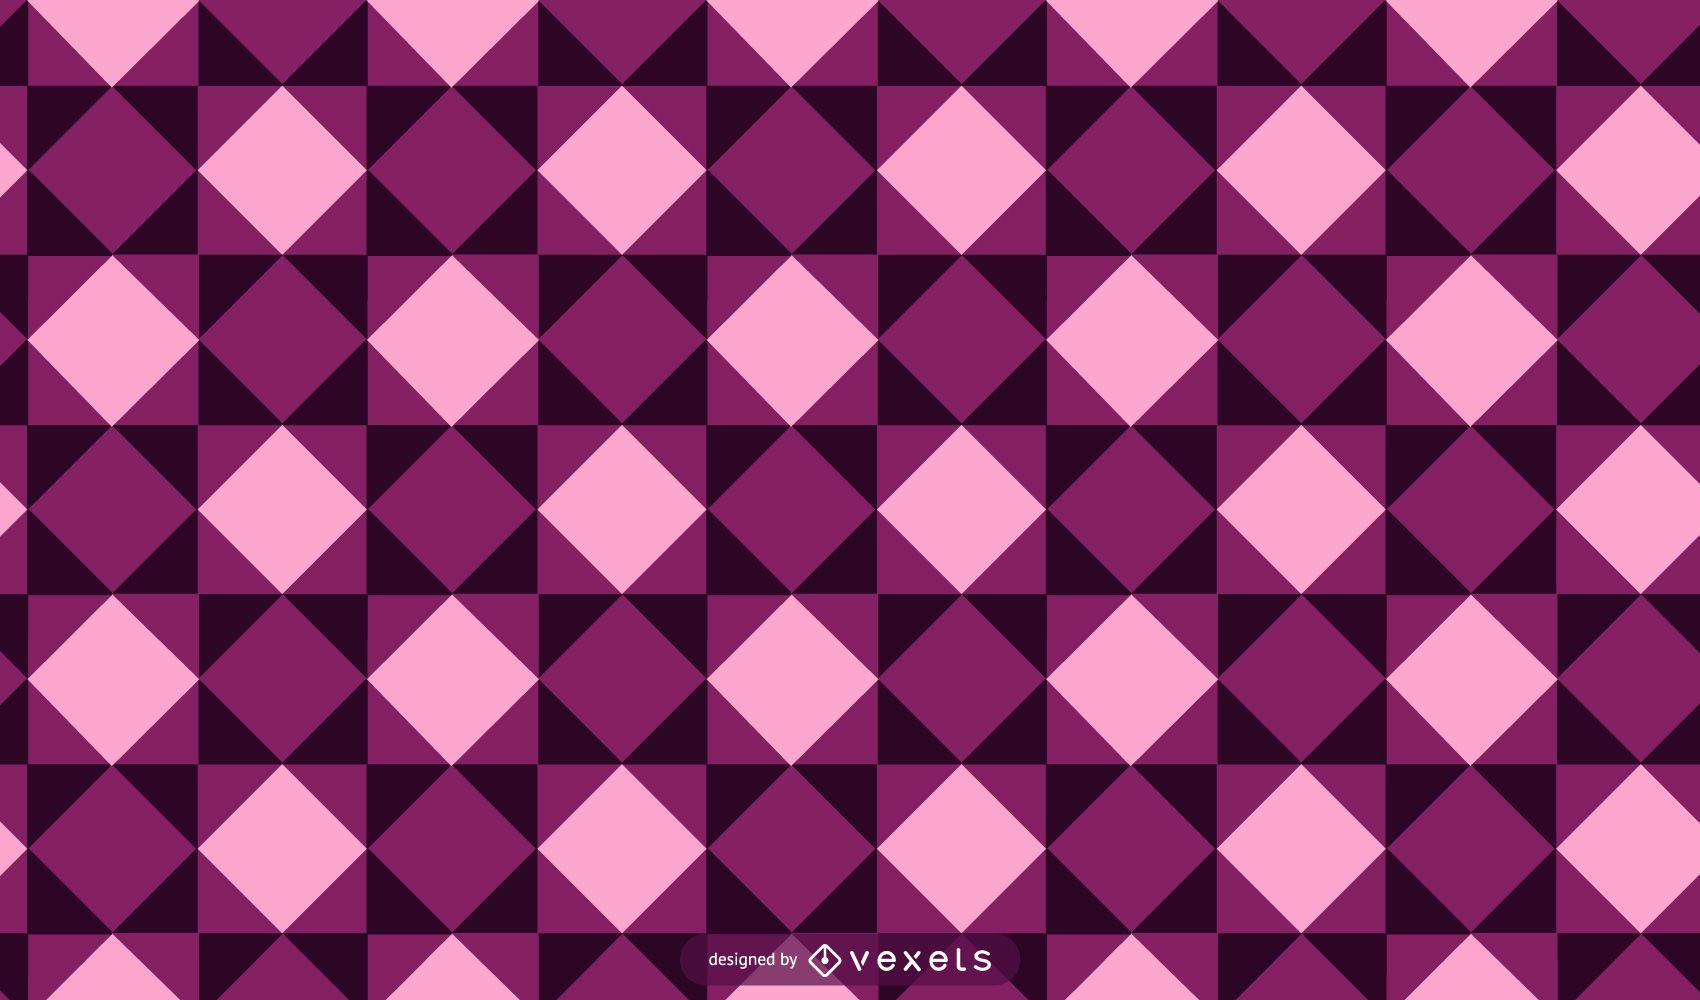 Hermoso patrón de fondo de mosaico